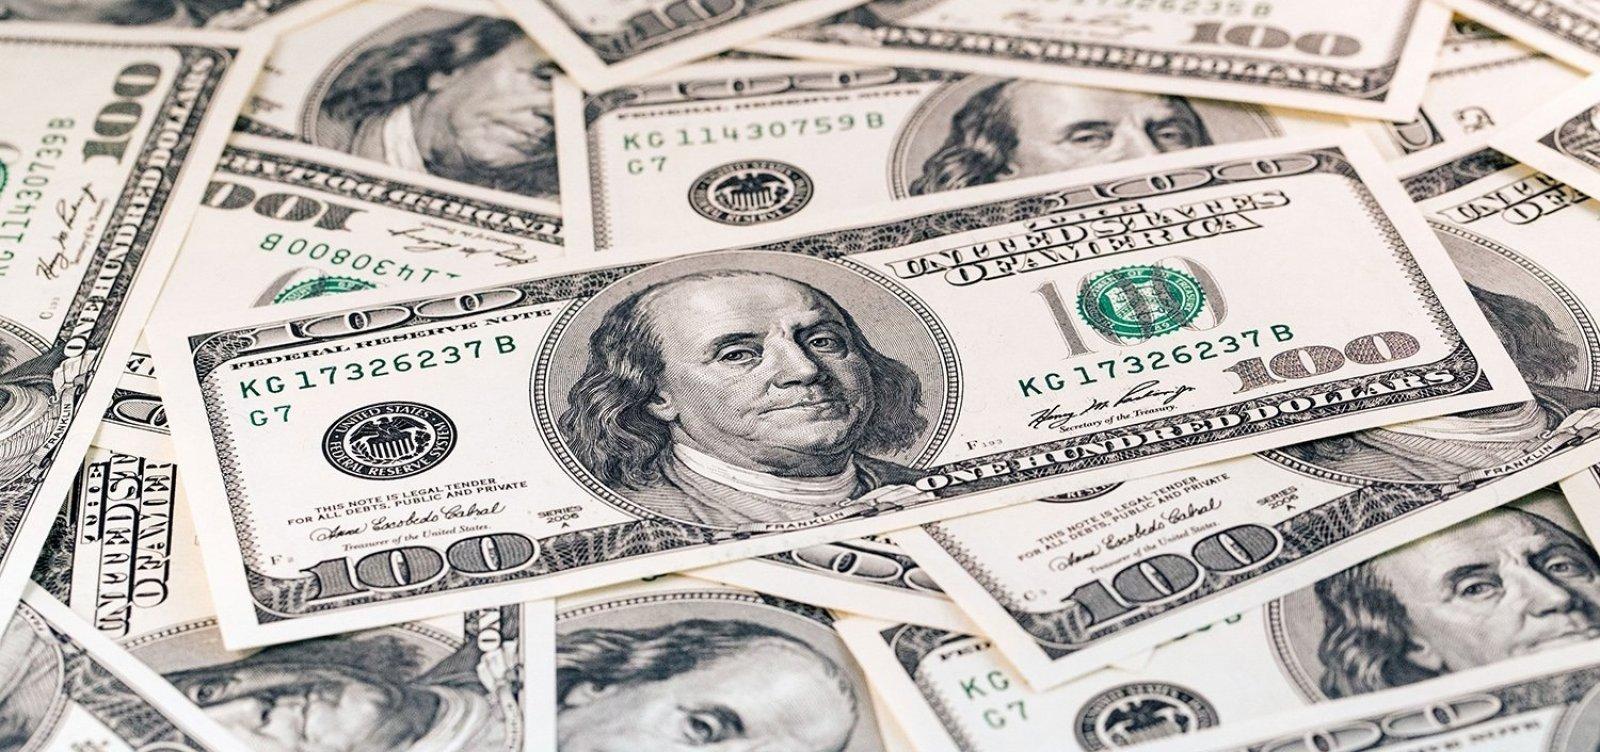 [Dólar sobe nesta sexta e fecha o mẽs com alta de 5,46%]